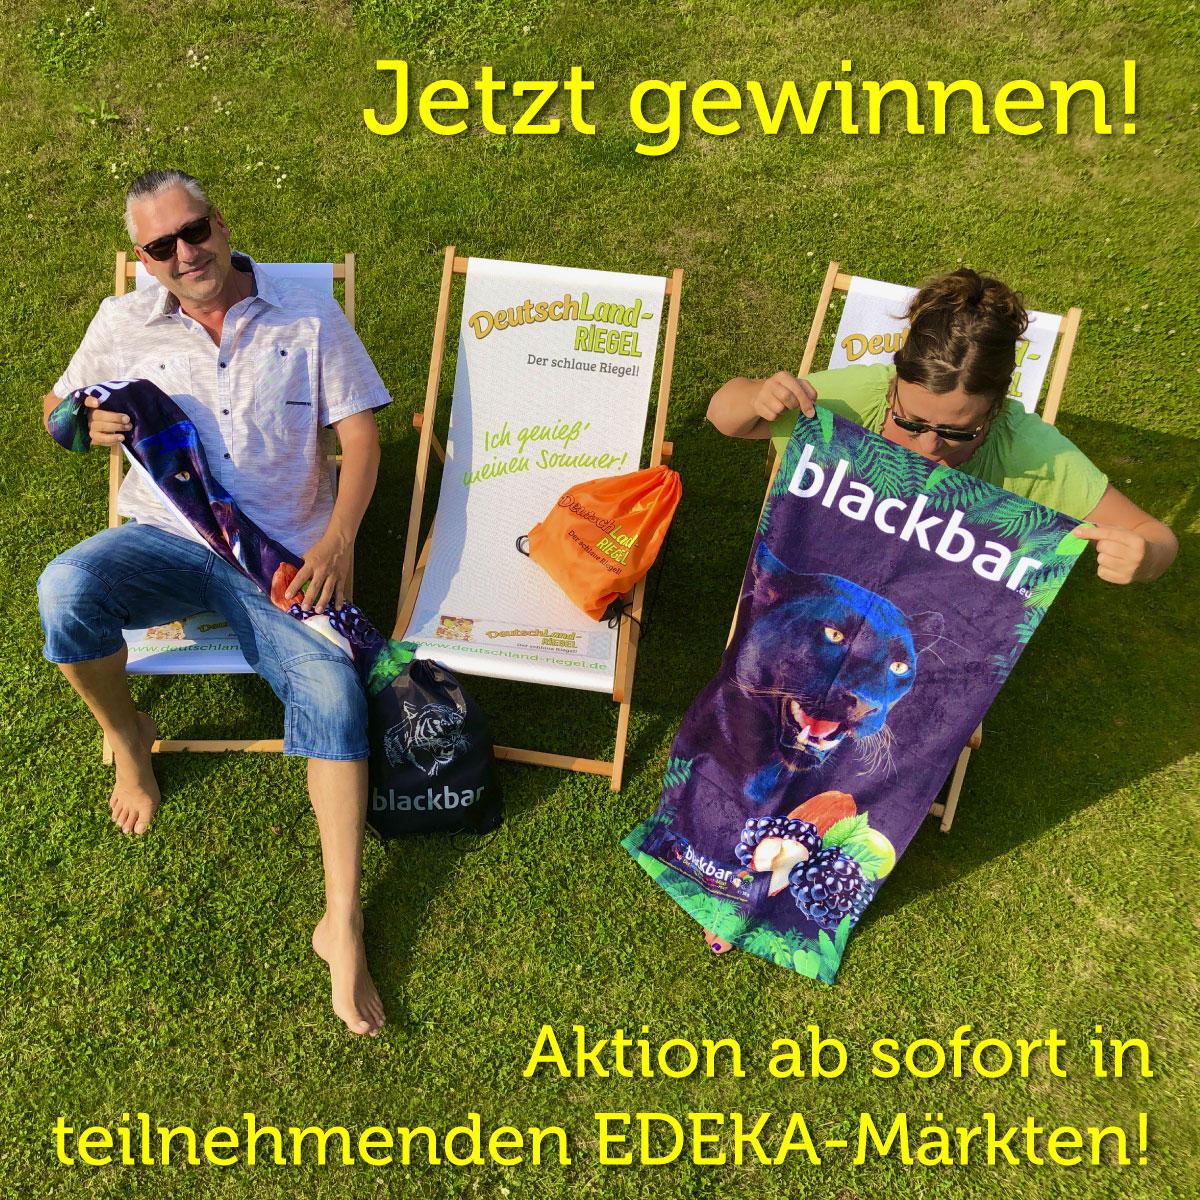 Ihr könnt ab sofort in teilnehmenden EDEKA-Märkten eine schicke Strandliege, zusammen mit einem schicken Badetuch und einem tollen Sportbeutel gewinnen!